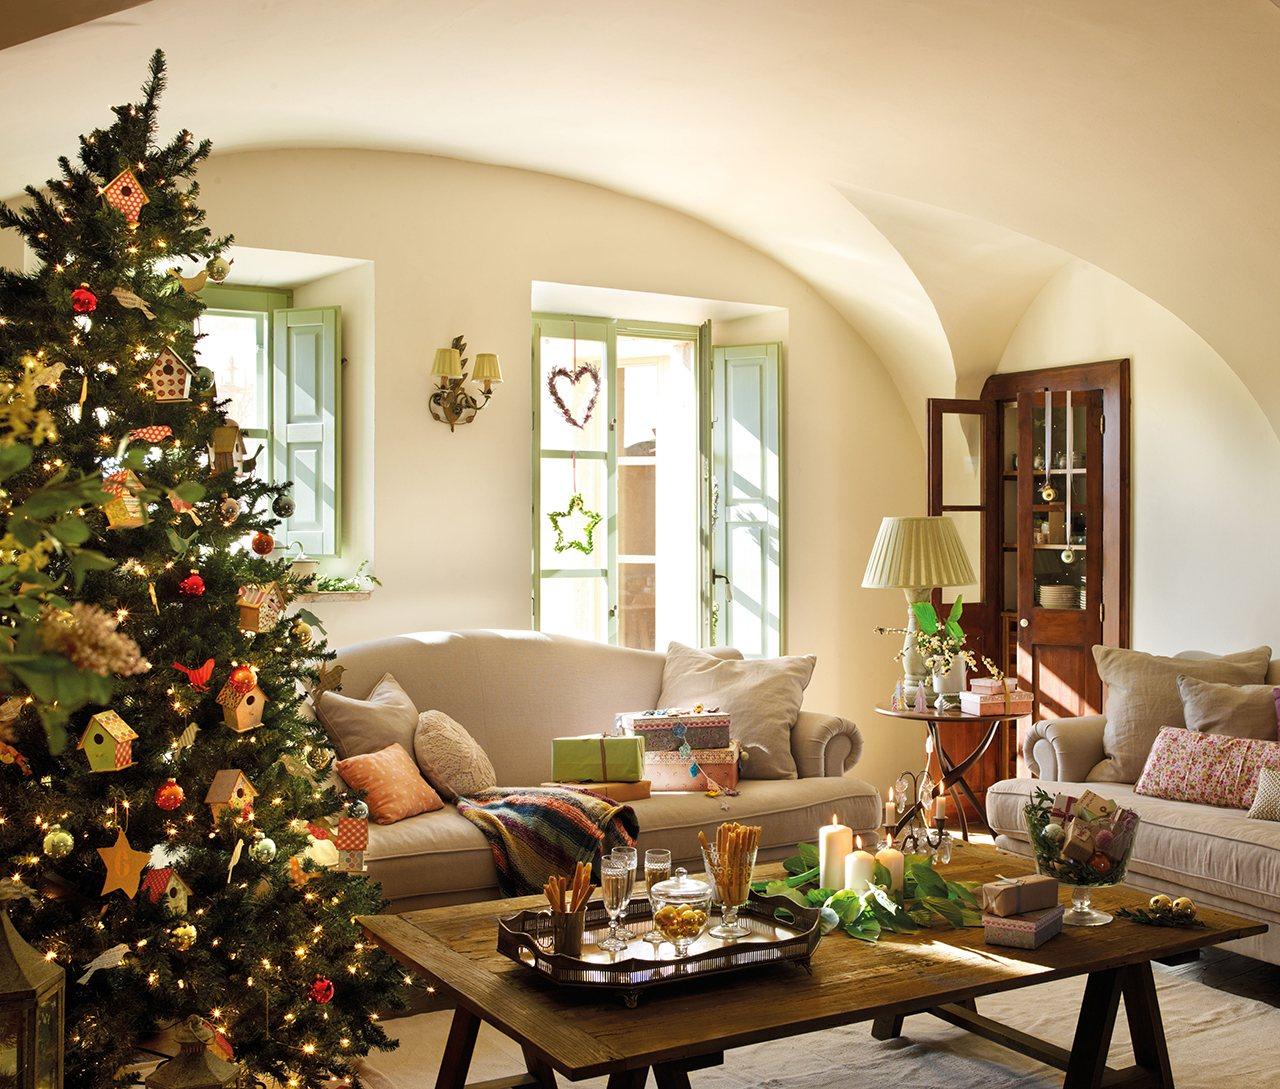 Consejos para decorar en navidad decorar la mesa en navidad - Adornos de navidad para decorar la casa ...